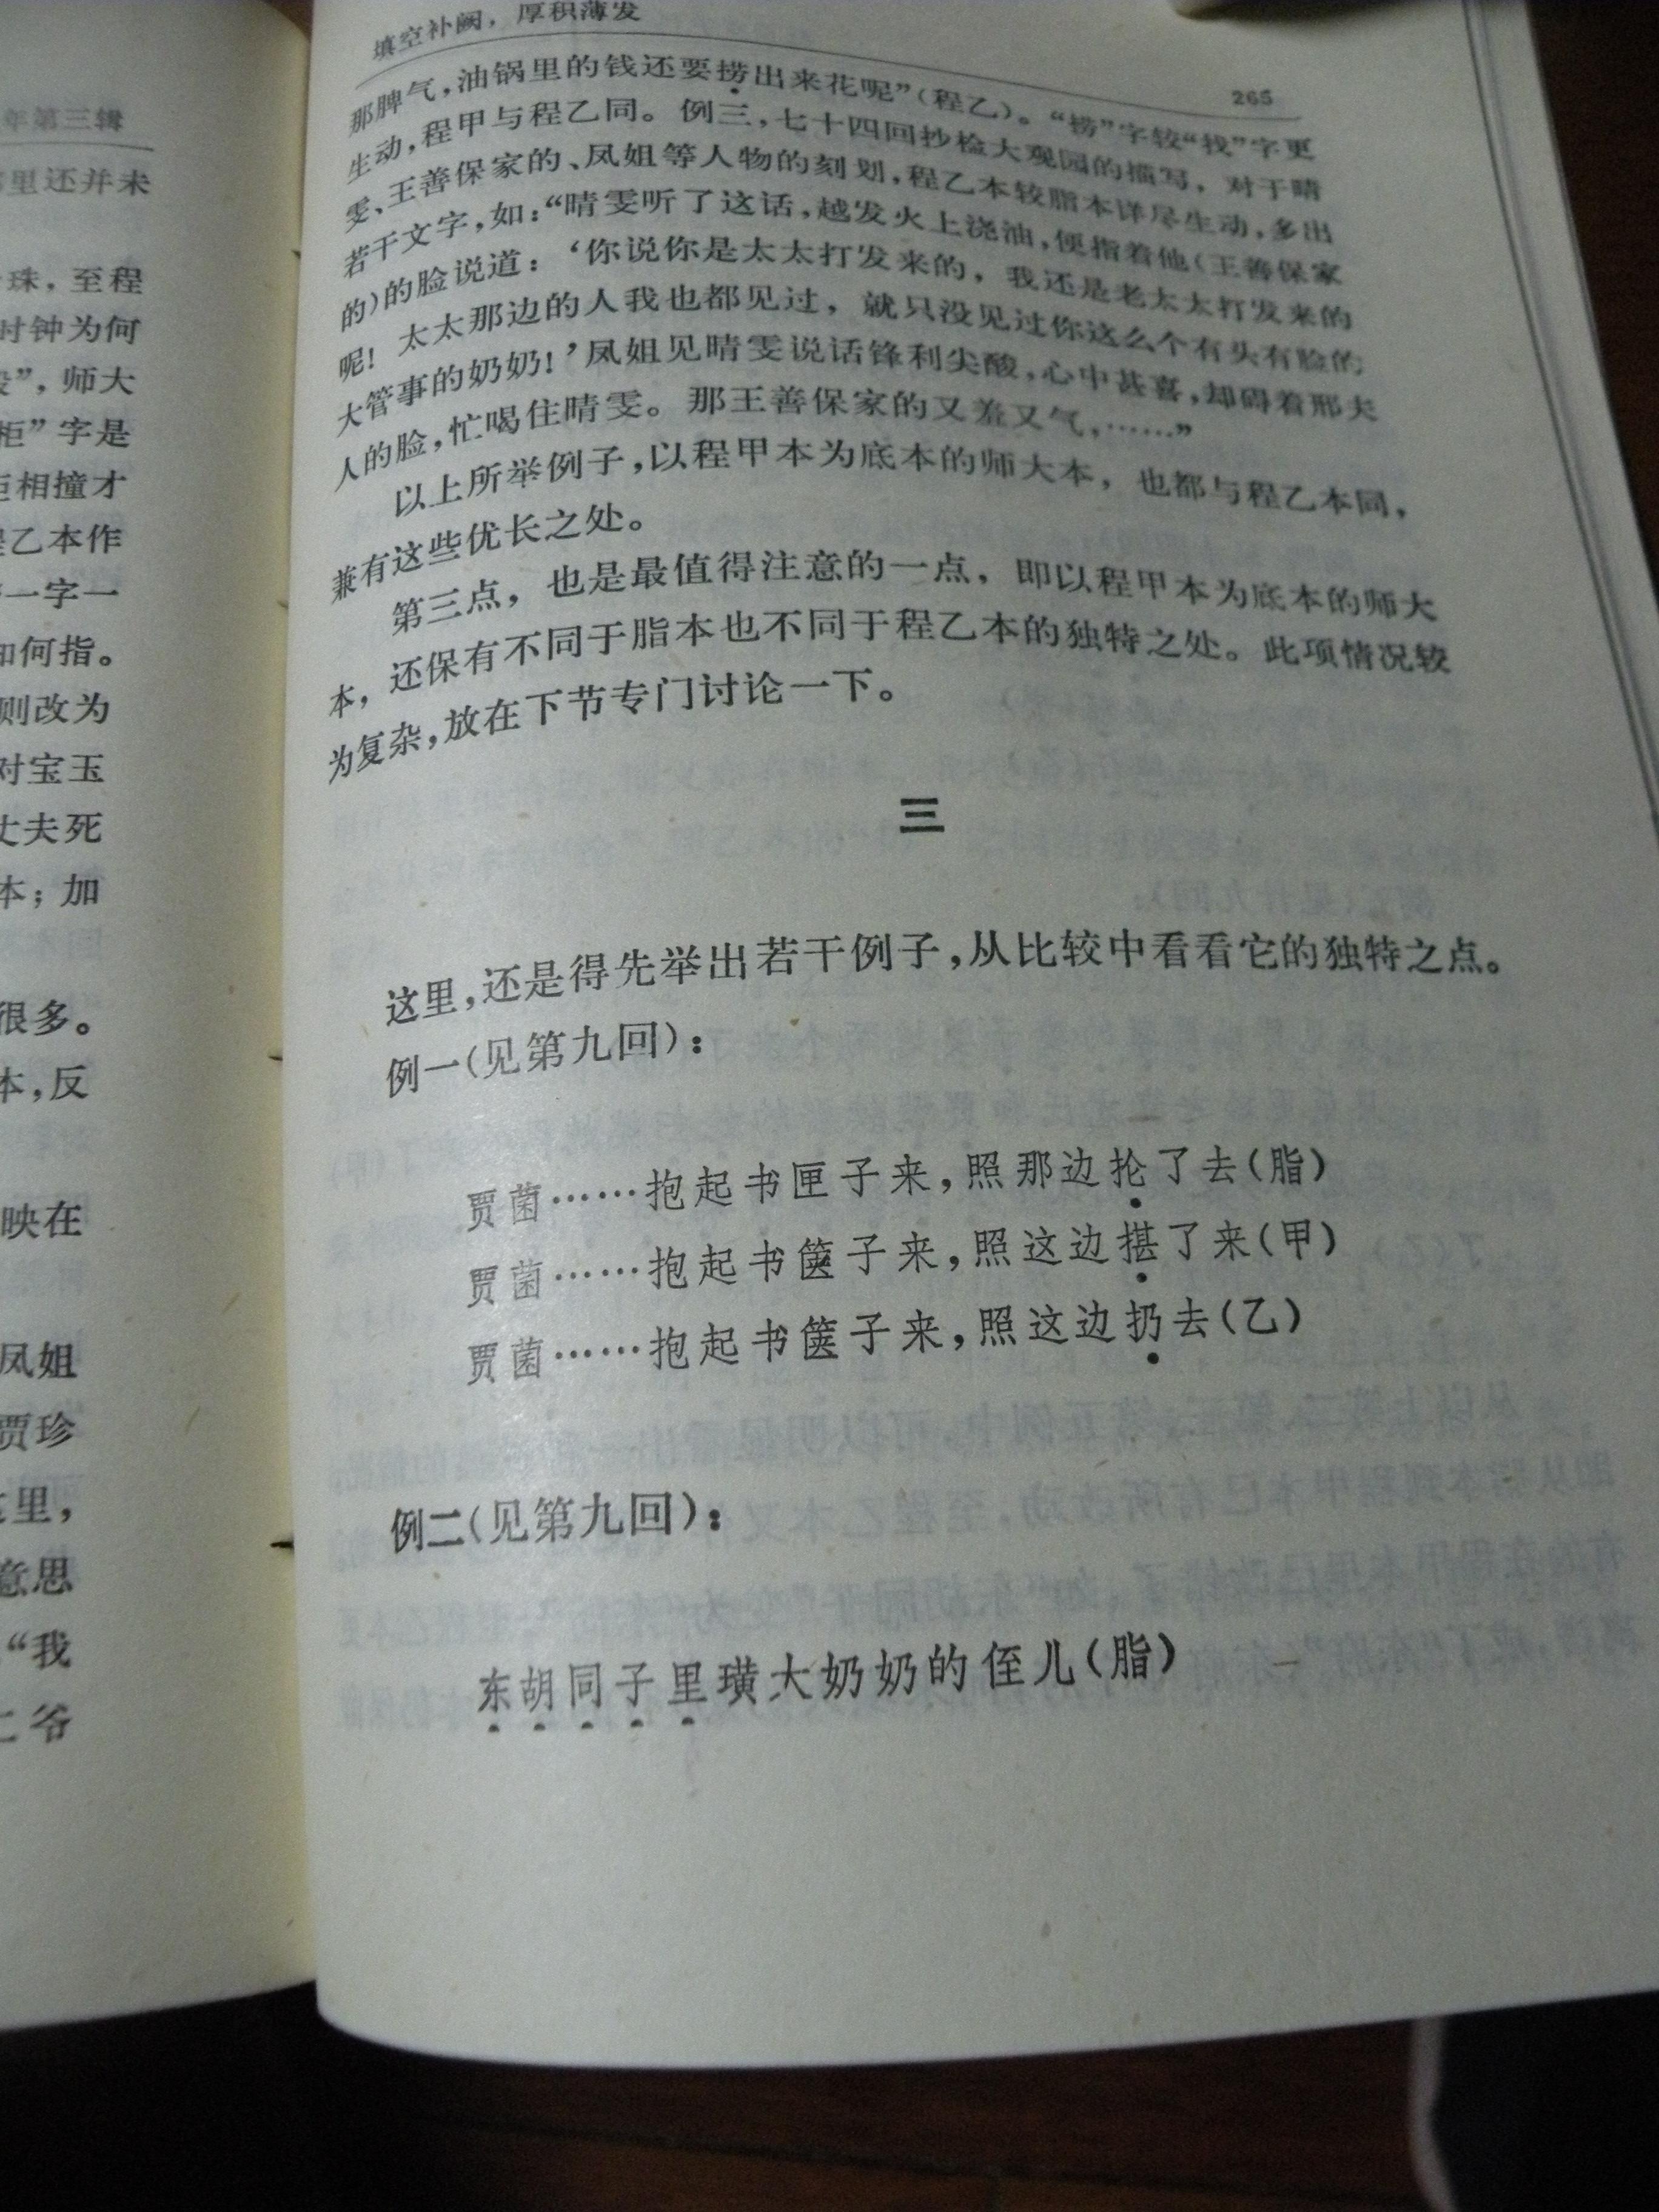 DSCN9305.JPG